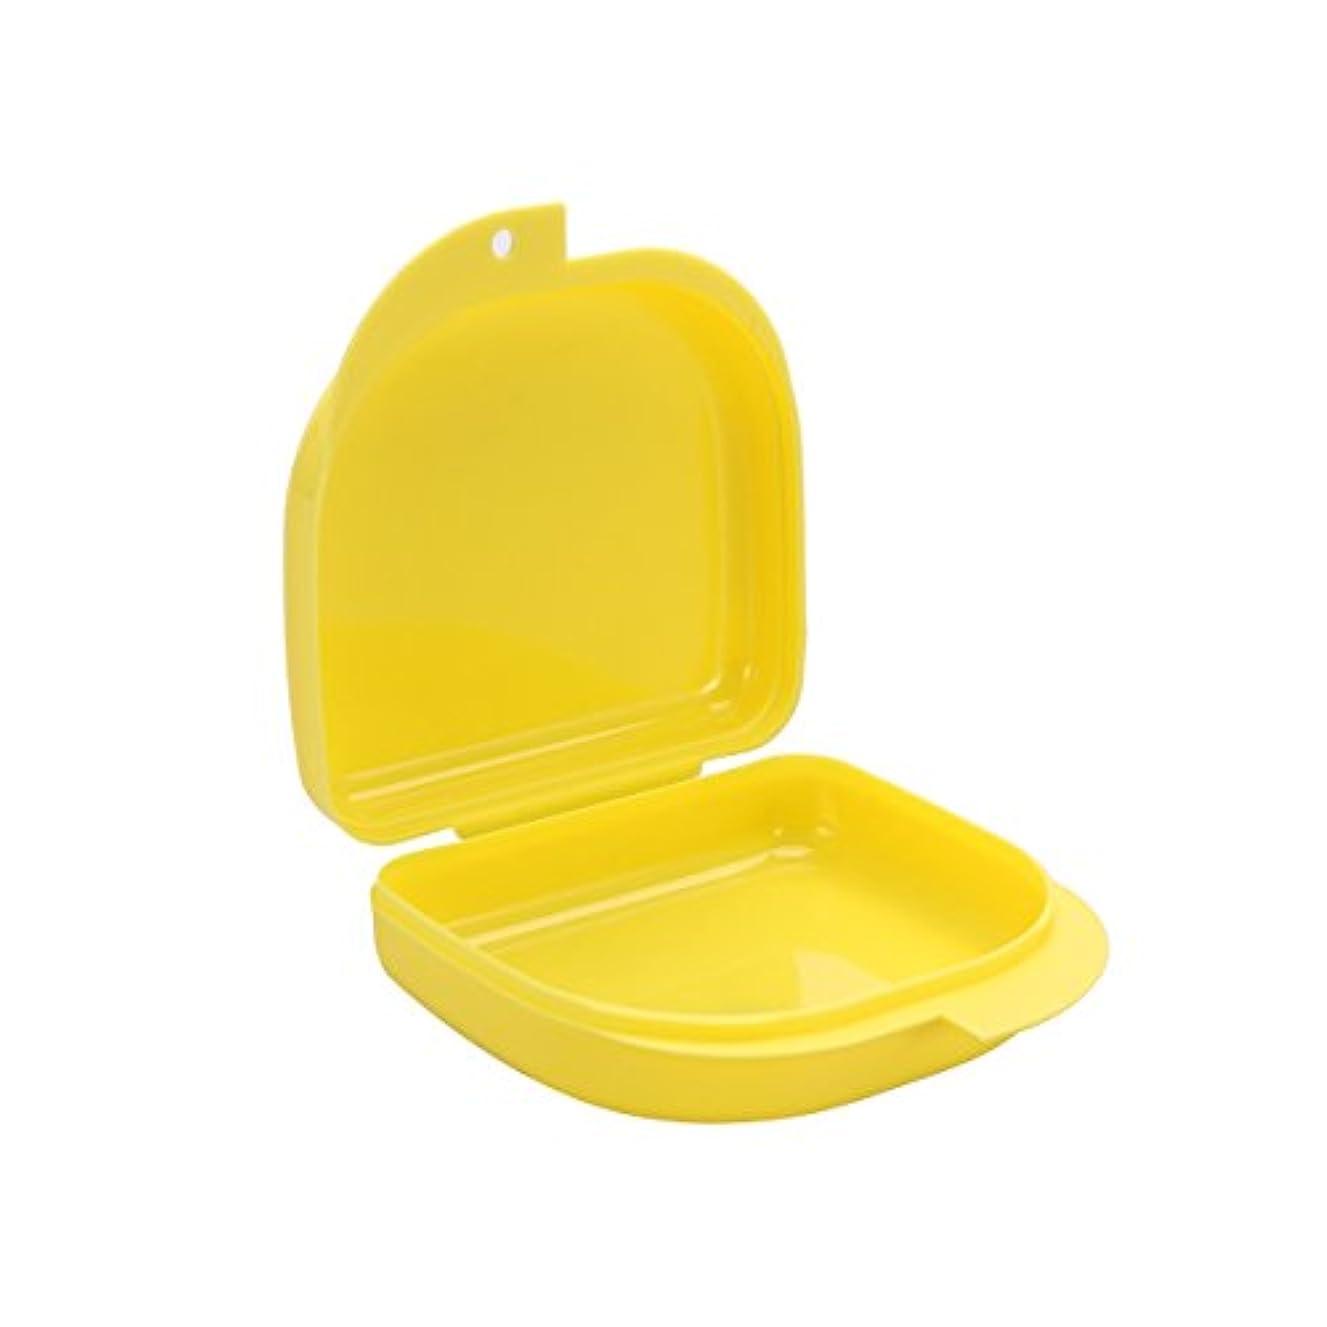 アセンブリ変更可能くまROSENICE 義歯ケース口ガードケース義歯ボックス義歯収納容器(黄色)